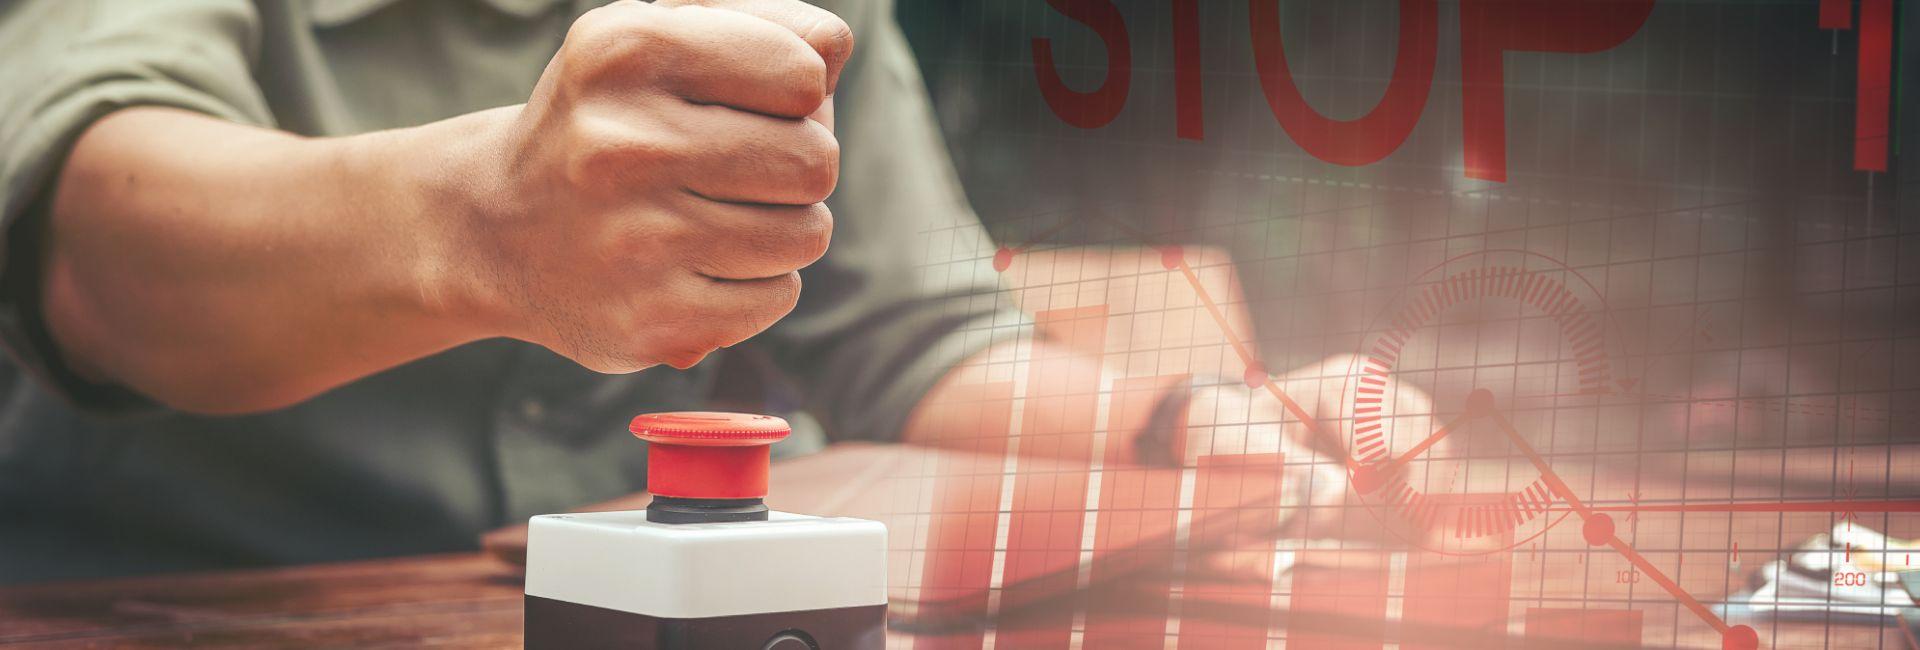 tlačítko, kterým můžete zastavit veškerý tok peněz